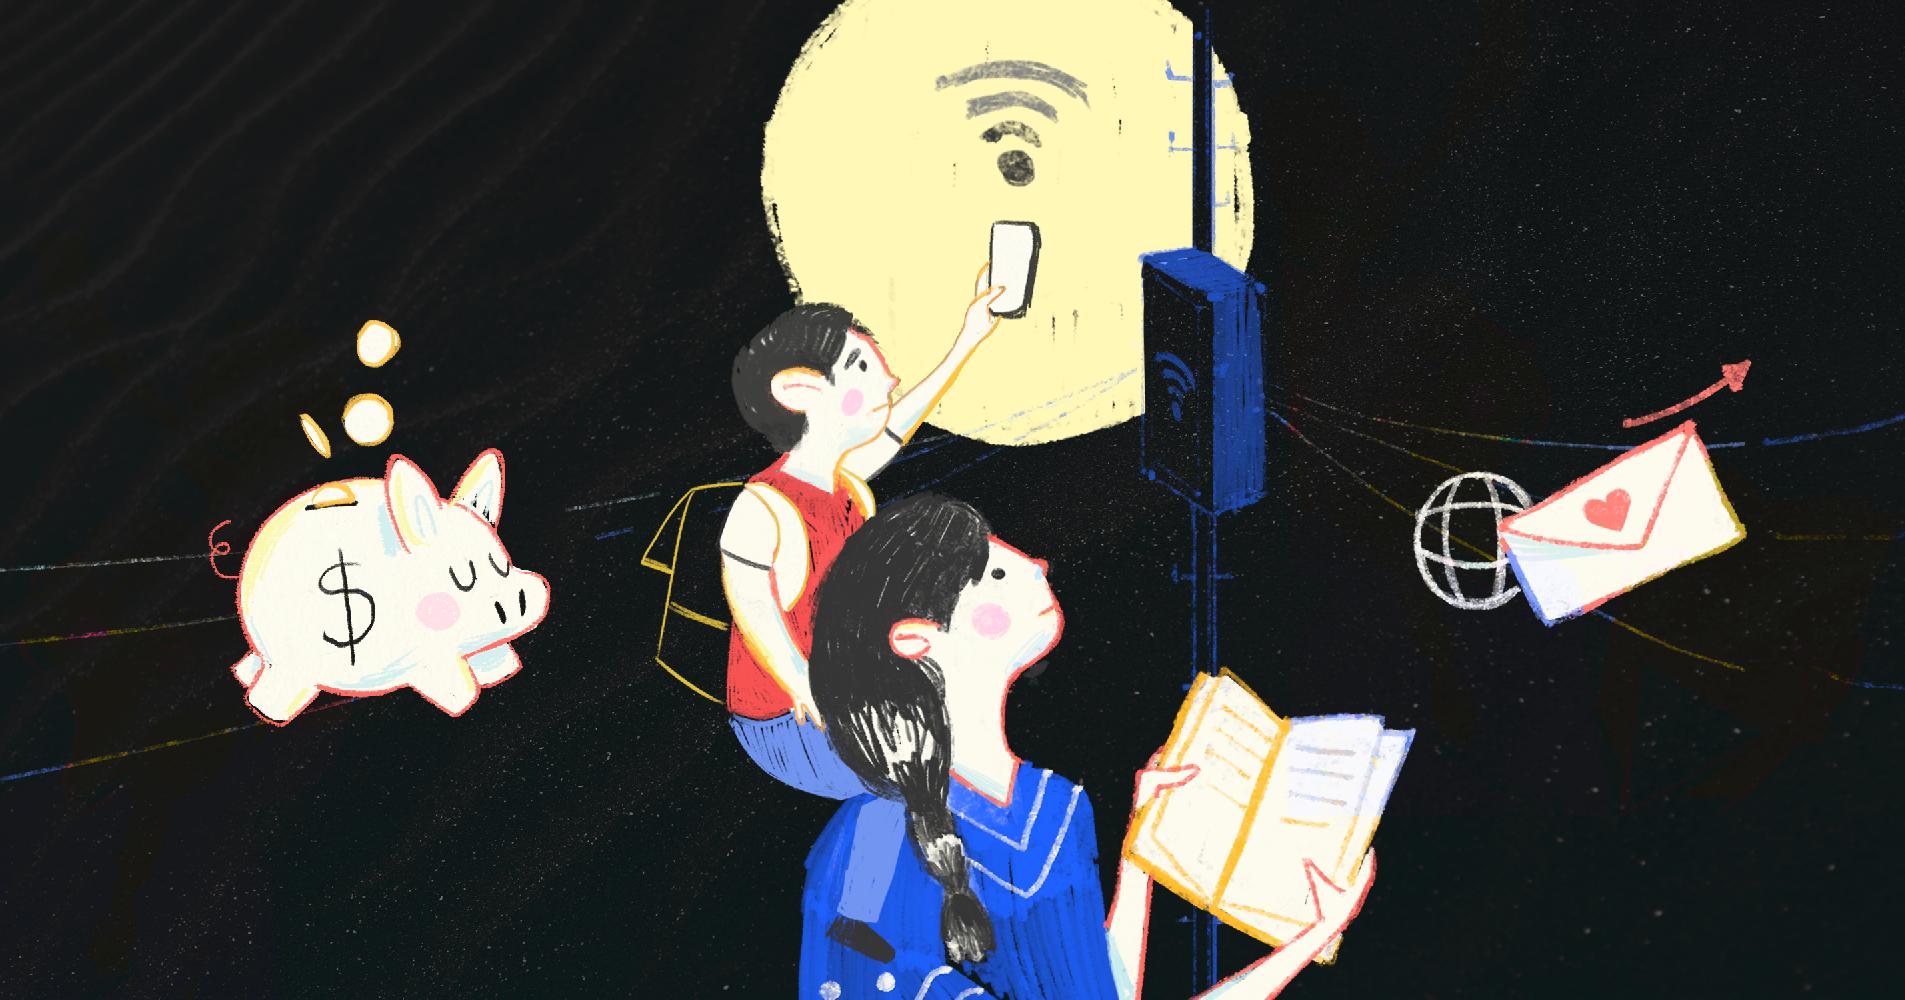 Sin dinero ni internet en casa, madres salieron a buscar WiFi en la calle para la tarea de sus hijos (Ciudad de México)